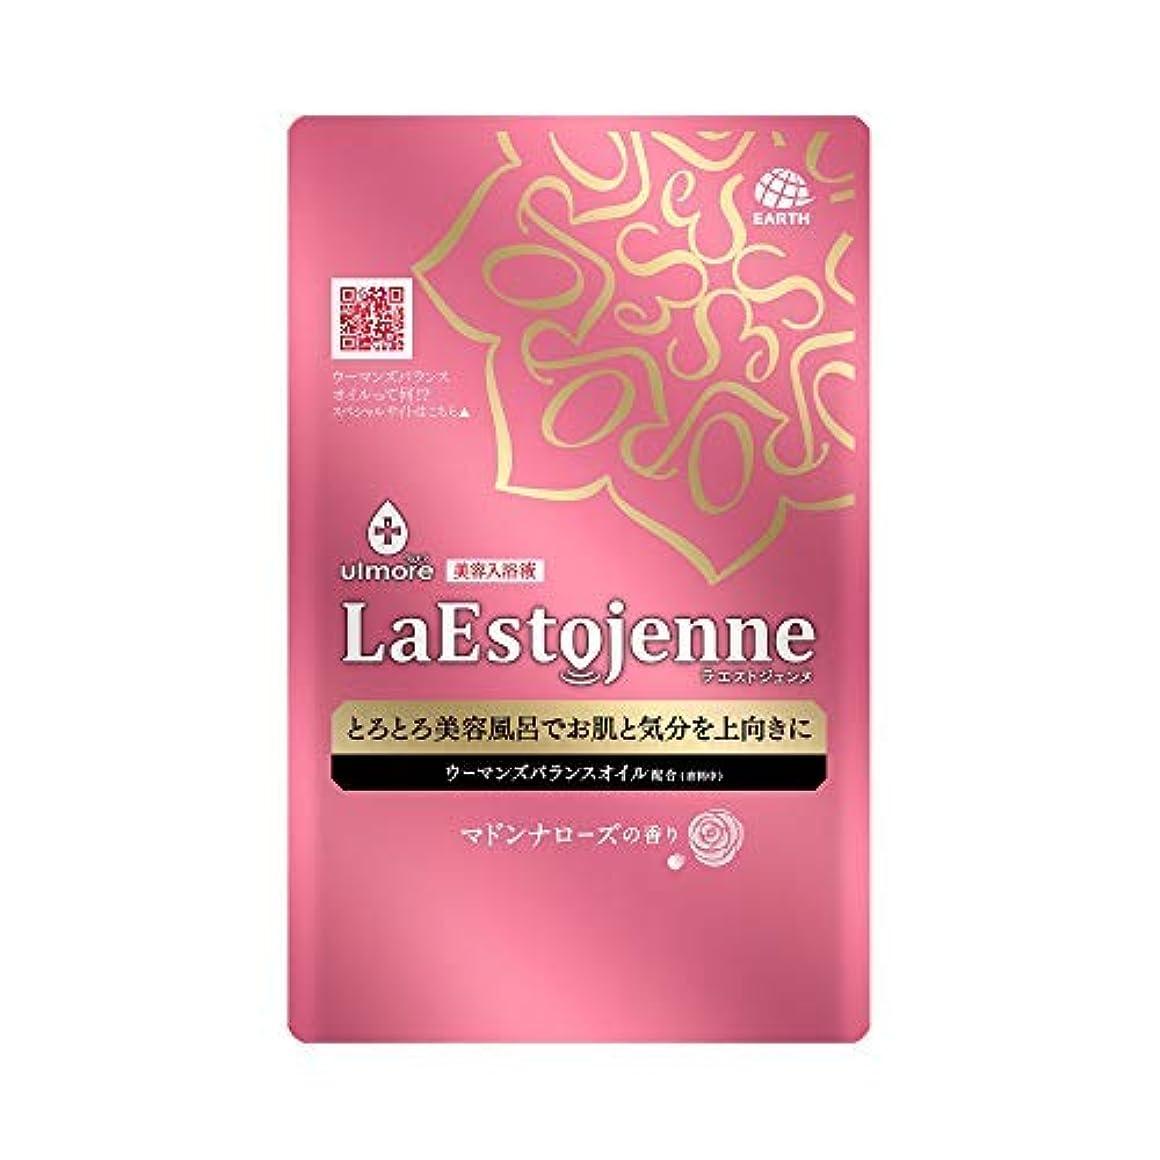 有望不正確首尾一貫したウルモア ラエストジェンヌ マドンナローズの香り 1包 × 10個セット